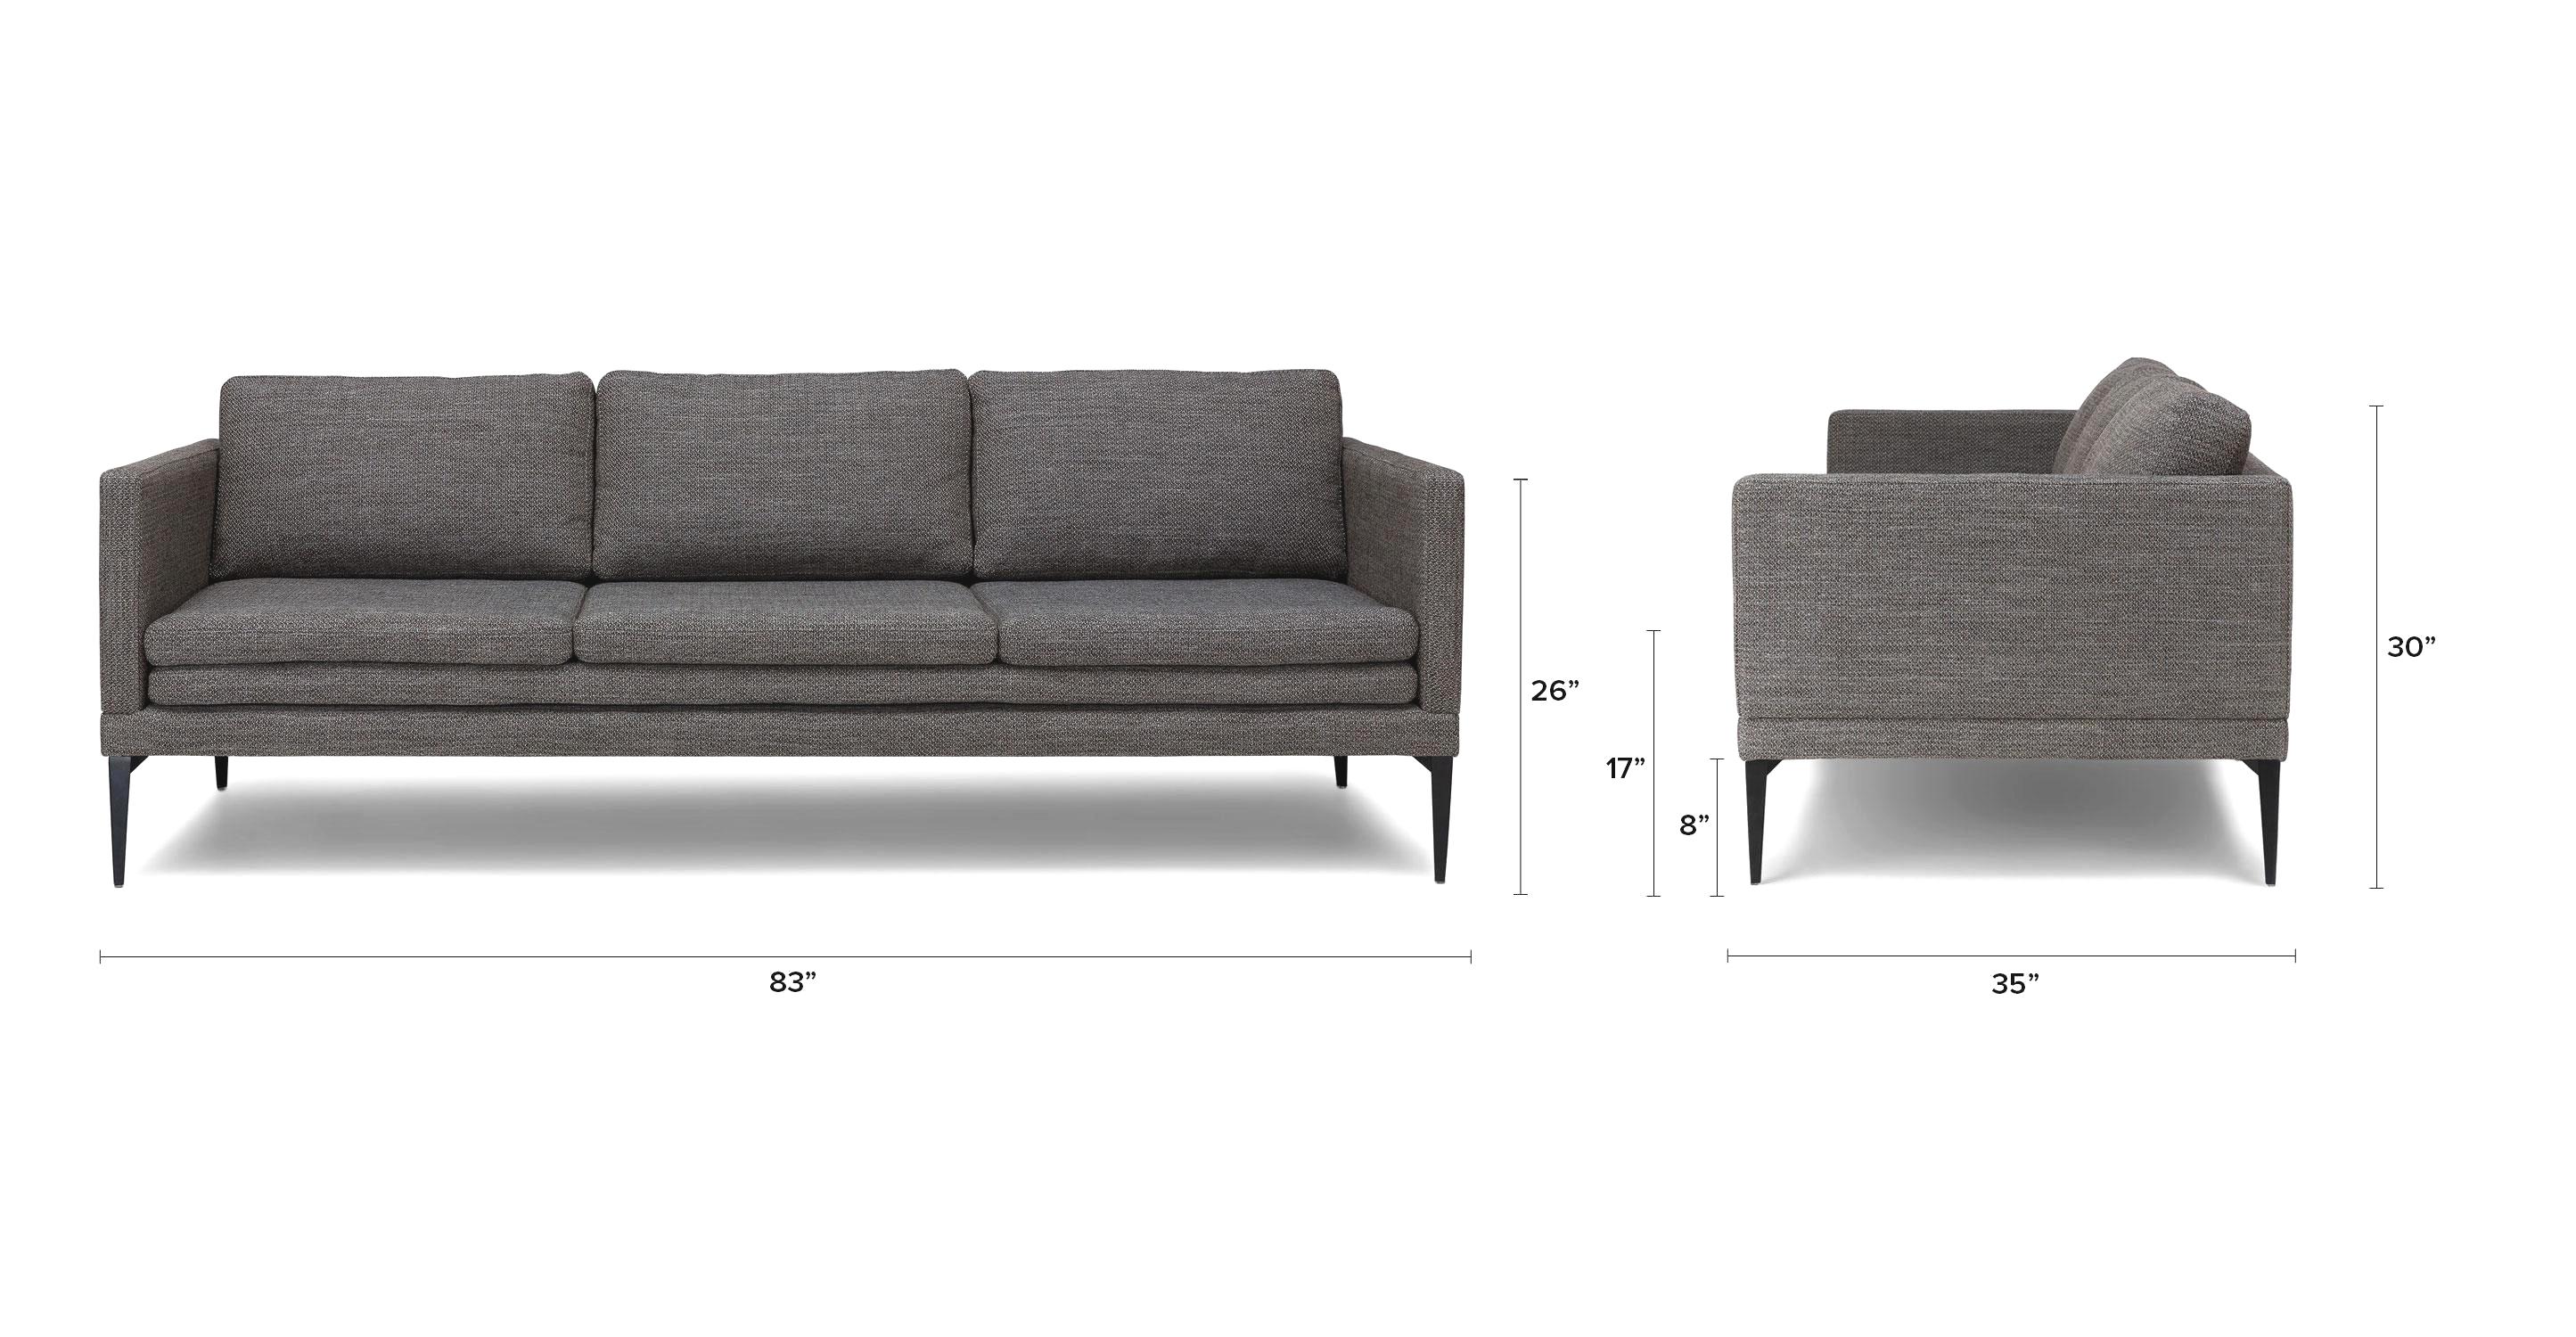 moderne couchgarnituren inspirierend small backyard furniture ideas cool wicker outdoor sofa 0d patio